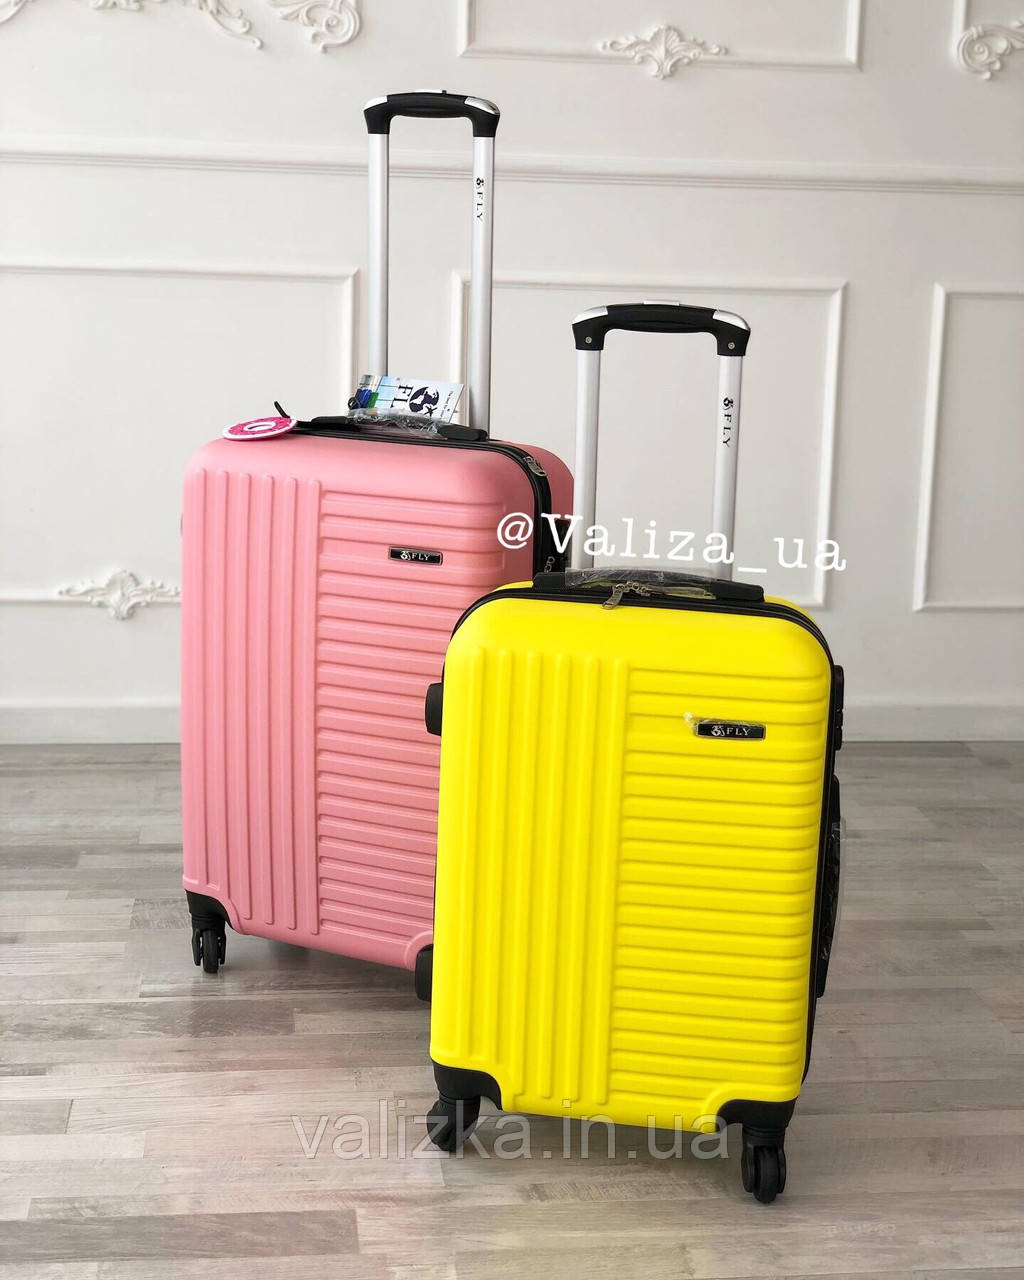 Пластиковый чемодан желтый маленький ручная кладь